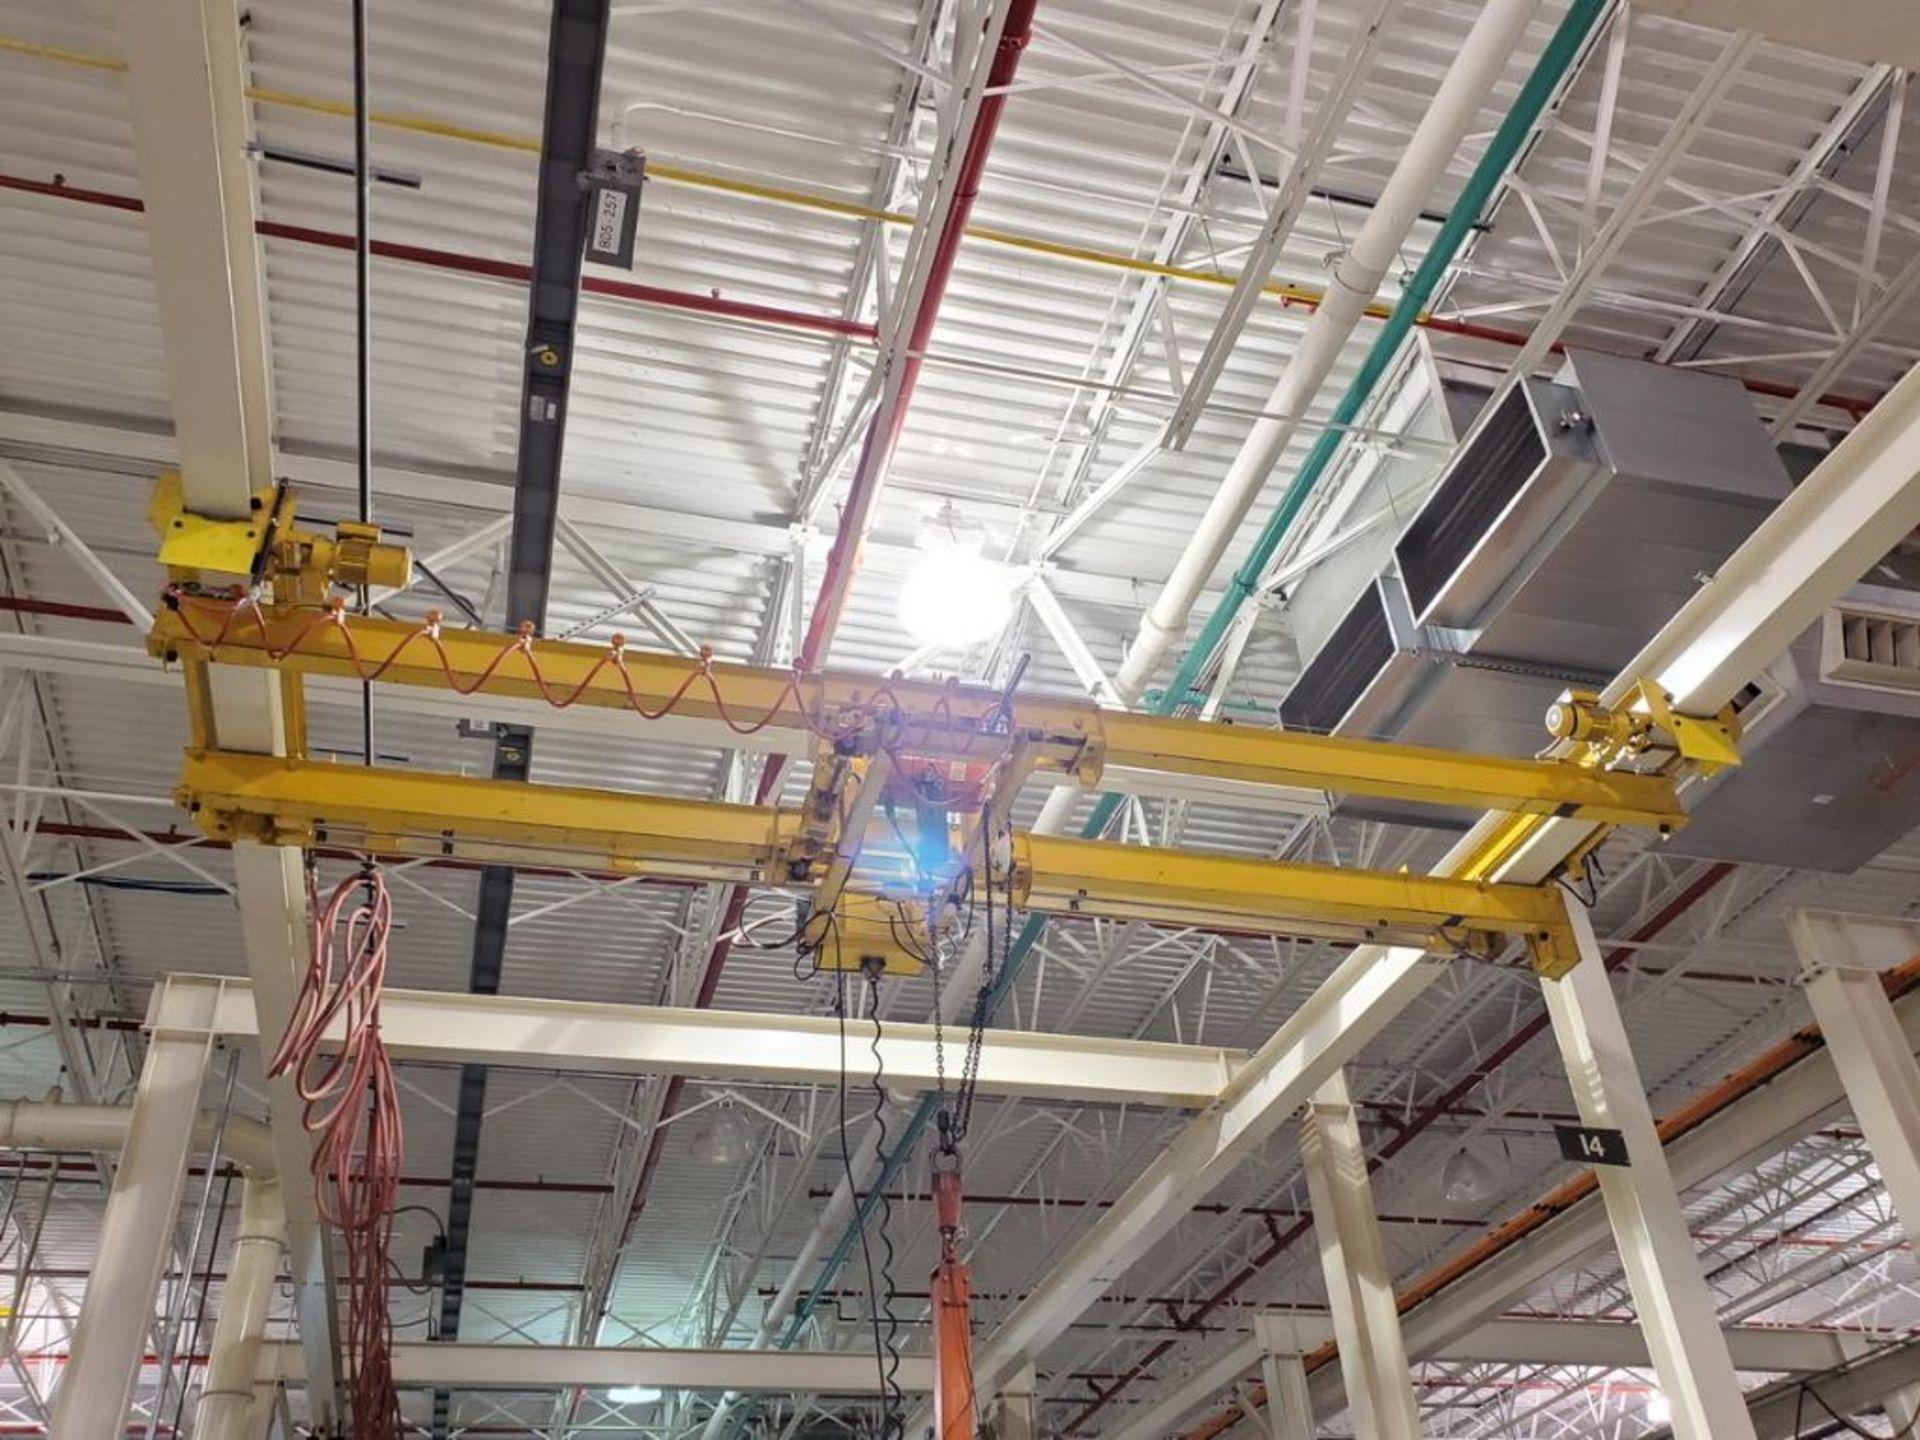 Lot 36 - T&M Equipment Co. Crane